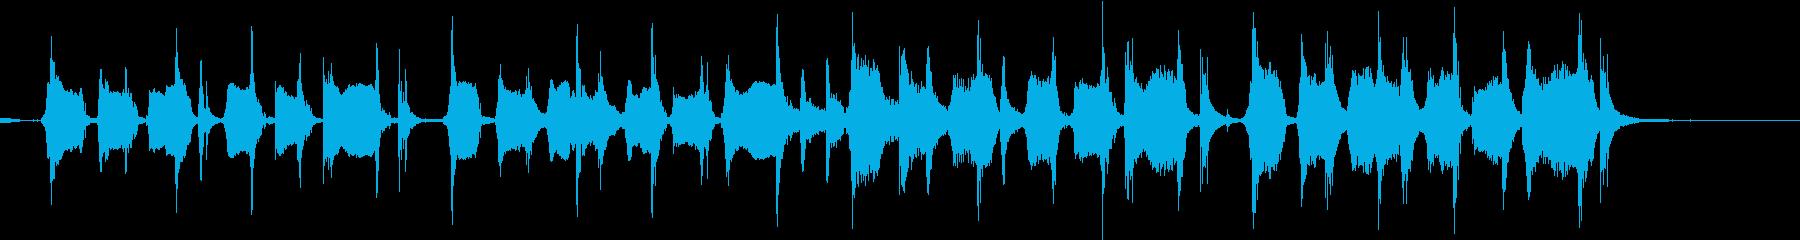 手拍子が入ったポップで覚えやすい明るい曲の再生済みの波形